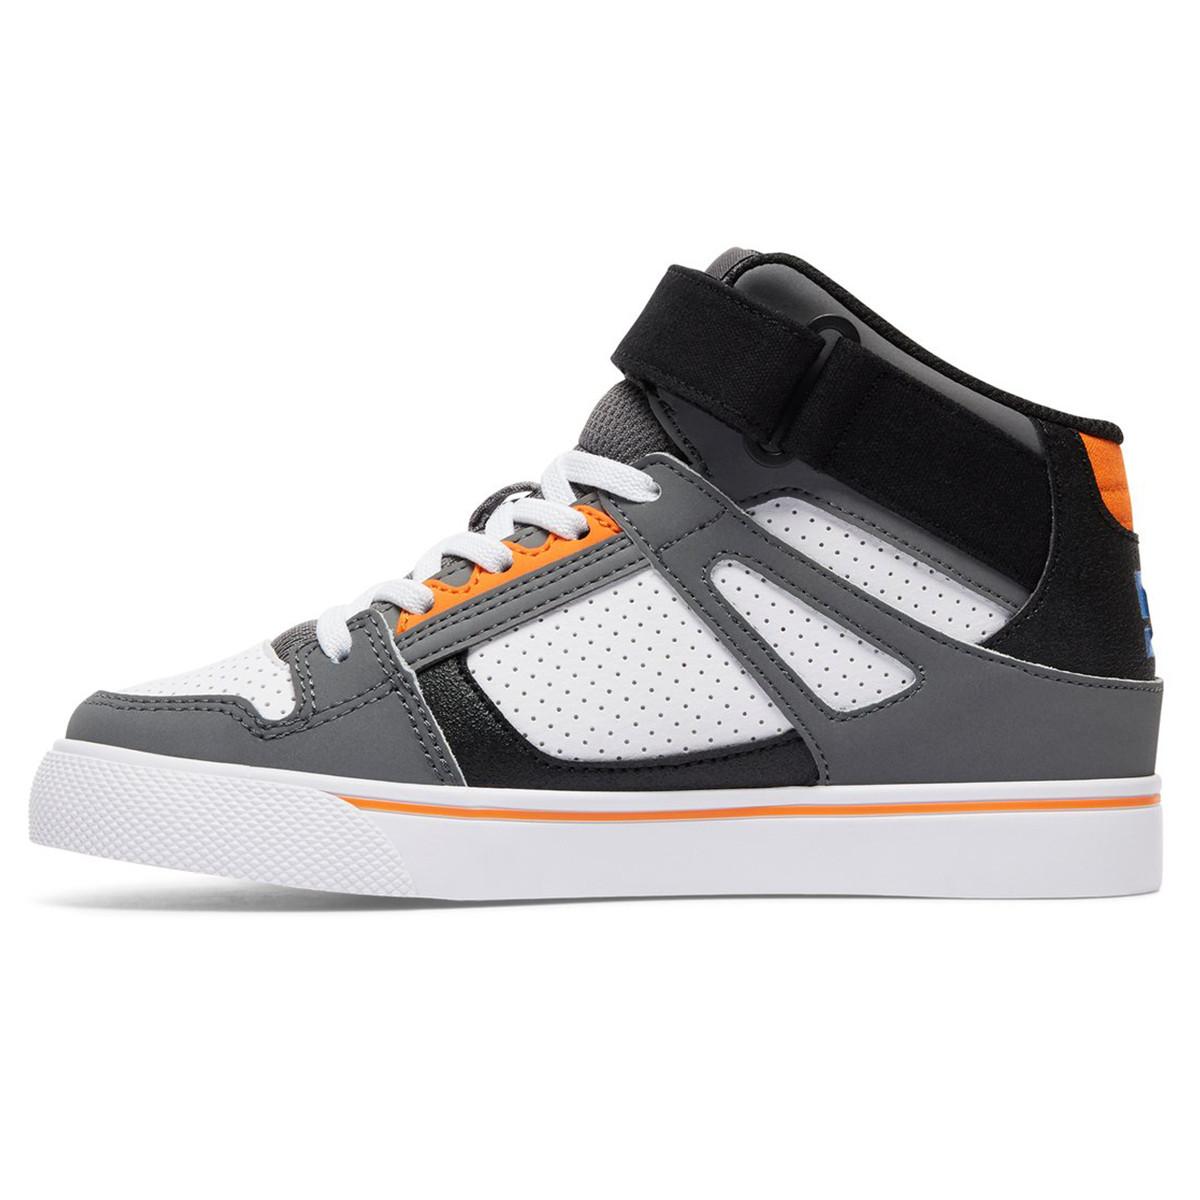 Spartan High Chaussure Garcon